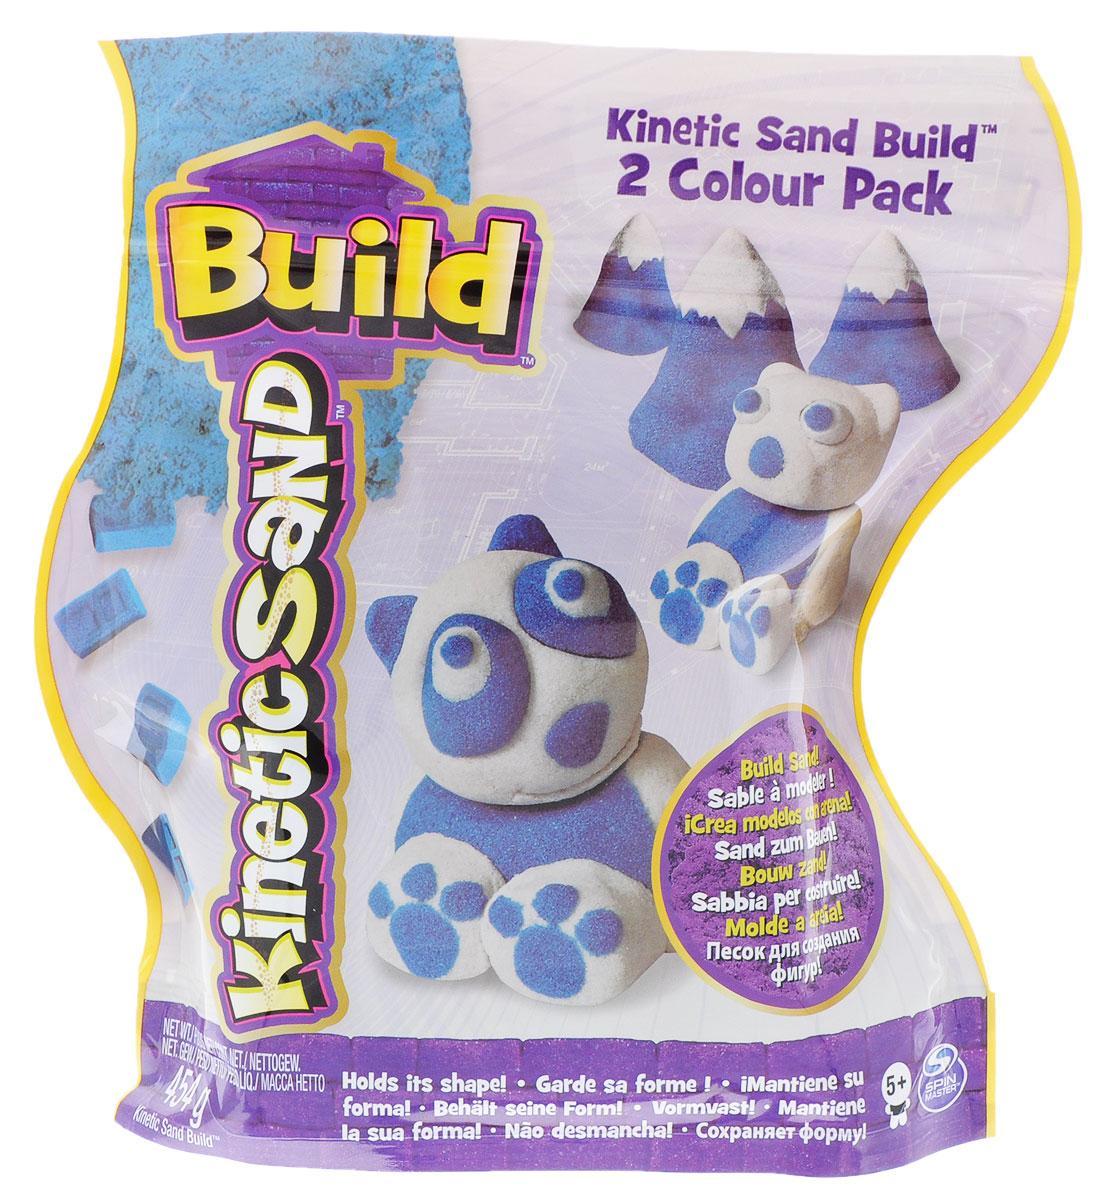 Kinetic Sand Кинетический песок цвет белый синий71428_20071354Кинетический песок Kinetic Sand - уникальный материал для детского творчества. На первый взгляд он напоминает влажный морской песок, но когда вы берете его в руки - проявляются его необычные свойства. Он течет сквозь пальцы и в то же время остается сухим. Он рыхлый, но из него можно строить разнообразные фигуры. Он приятный на ощупь, не оставляет следов на руках и может использоваться как расслабляющее и терапевтическое средство. Кинетический песок Kinetic Sand представляет собой смесь чистого песка (98%) и специального связующего вещества (2%). Абсолютно безопасен. Никогда не высыхает. Оставляет все поверхности совершенно чистыми. Является неблагоприятной средой для размножения бактерий. С песком Kinetic Sand интересно играть как одному ребенку, так и нескольким одновременно. Развивает мелкую моторику, чувственное восприятие и креативность.